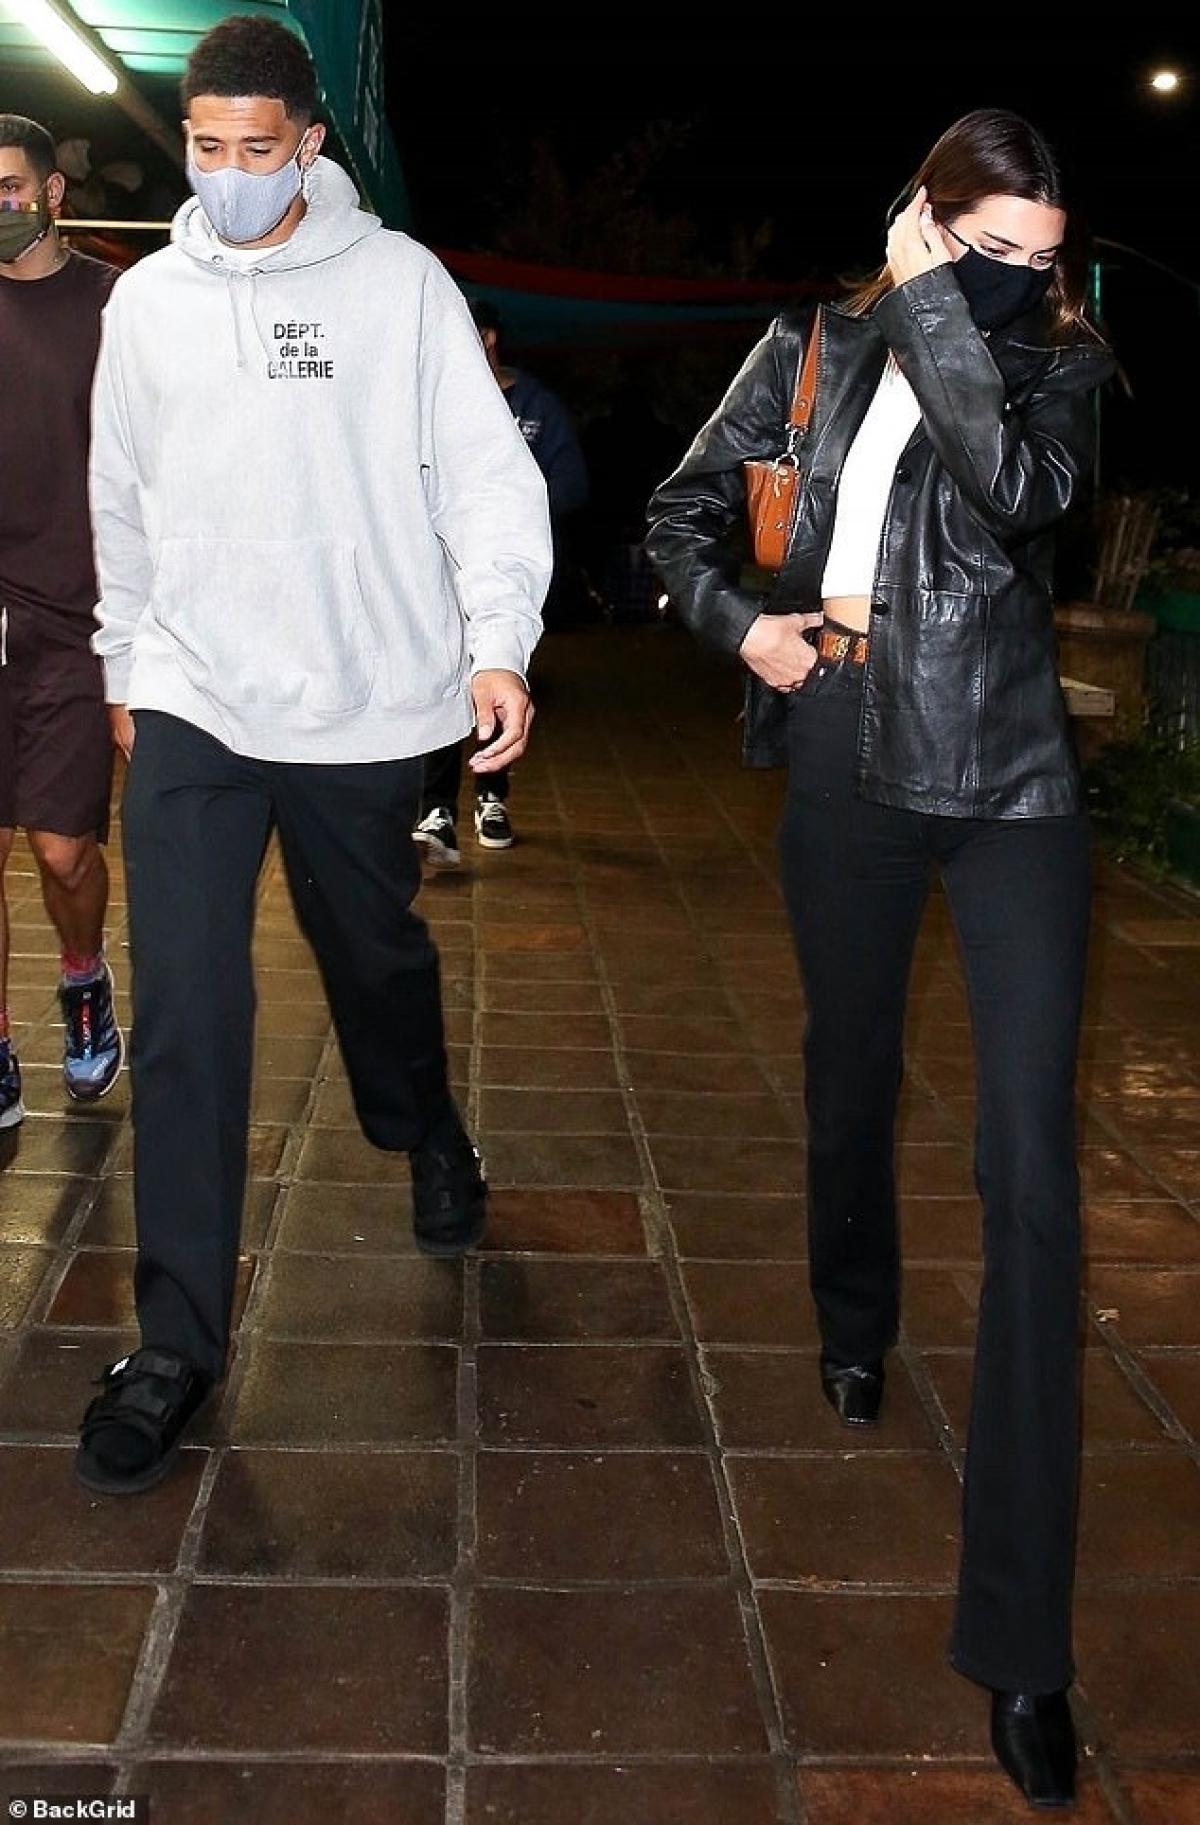 Hiện tại, Kendall Jenner vẫn khá kín tiếng và chưa phản hồi trước tin đồn này./.